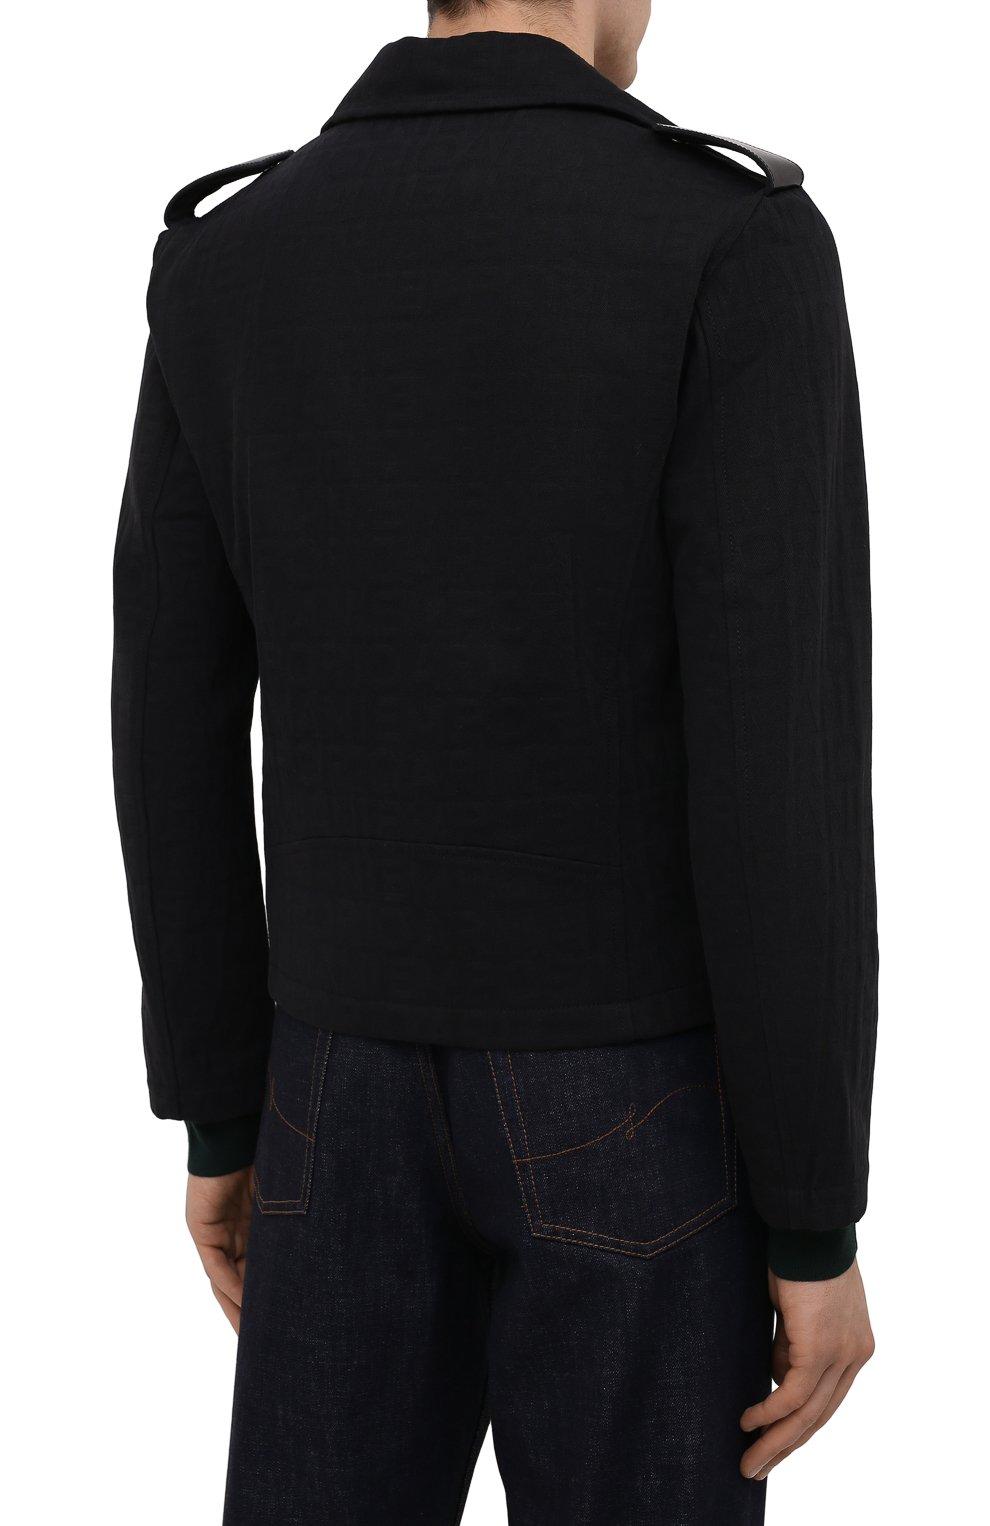 Мужская хлопковая куртка EMPORIO ARMANI черного цвета, арт. 6K1B65/1DE9Z   Фото 4 (Кросс-КТ: Куртка, Ветровка; Рукава: Длинные; Материал внешний: Хлопок; Материал подклада: Синтетический материал; Длина (верхняя одежда): Короткие; Стили: Кэжуэл)